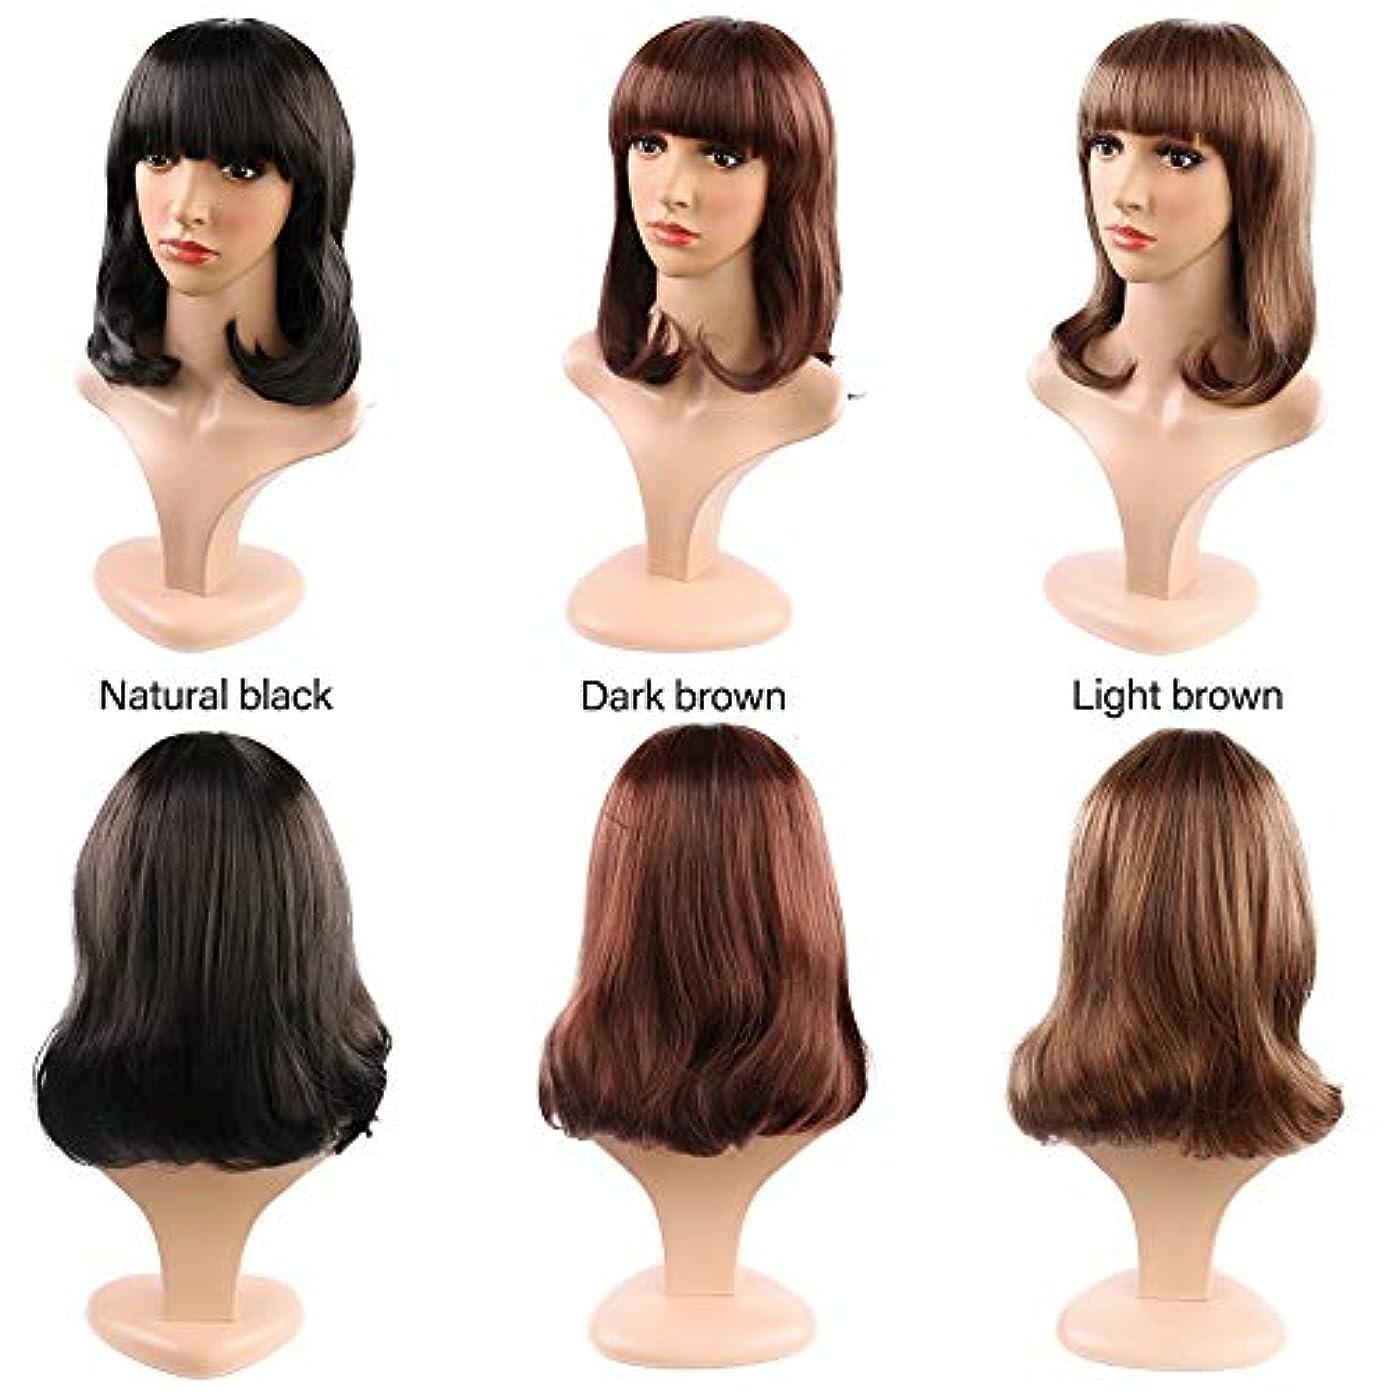 平行やめるストレス女性の短い巻き毛のかつら14